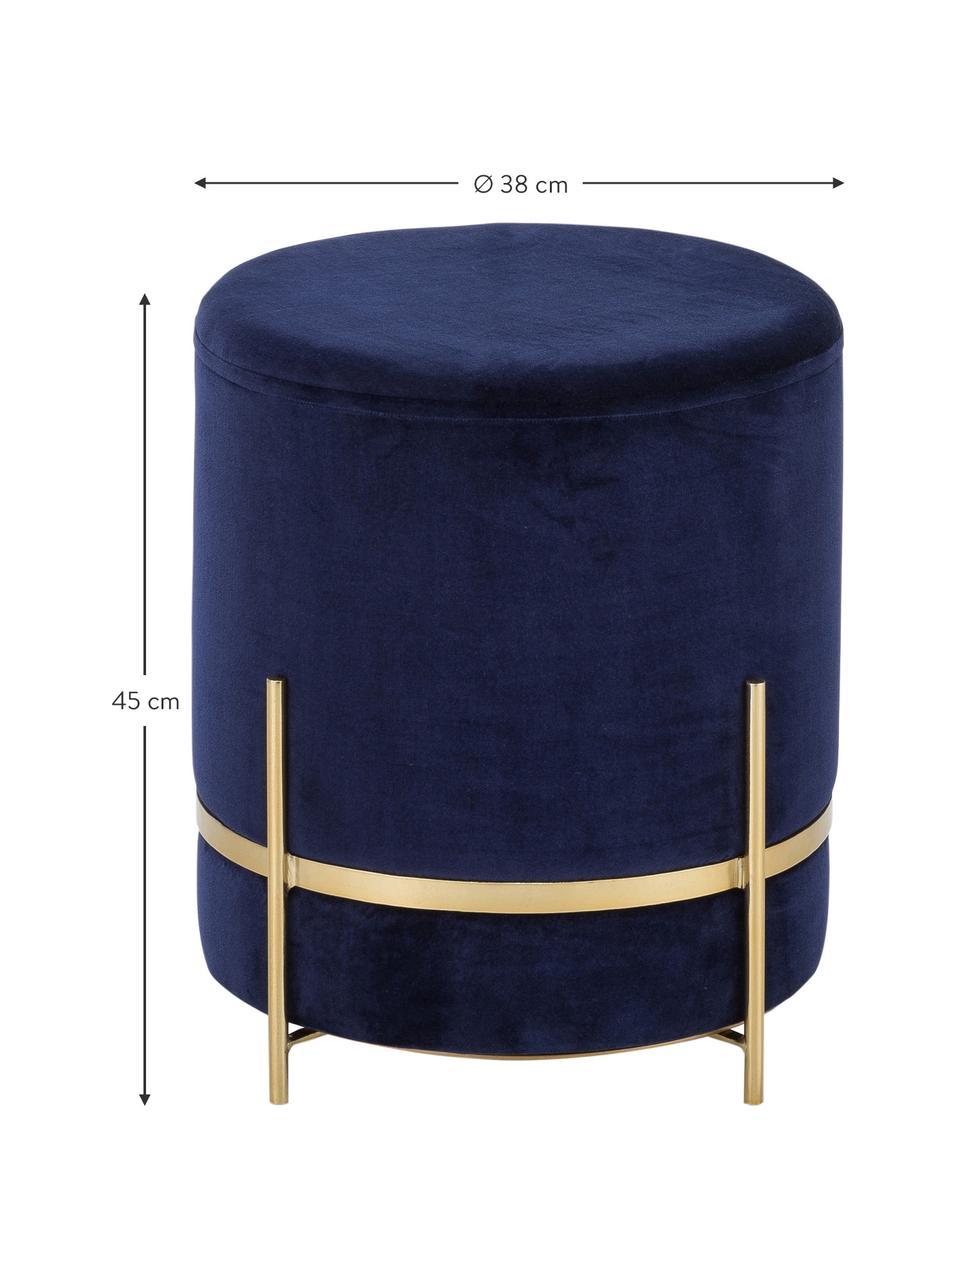 Fluwelen poef Elva, Bekleding: katoenfluweel, Voet: gepoedercoat metaal, Marineblauw, goudkleurig, ∅ 38 x H 45 cm